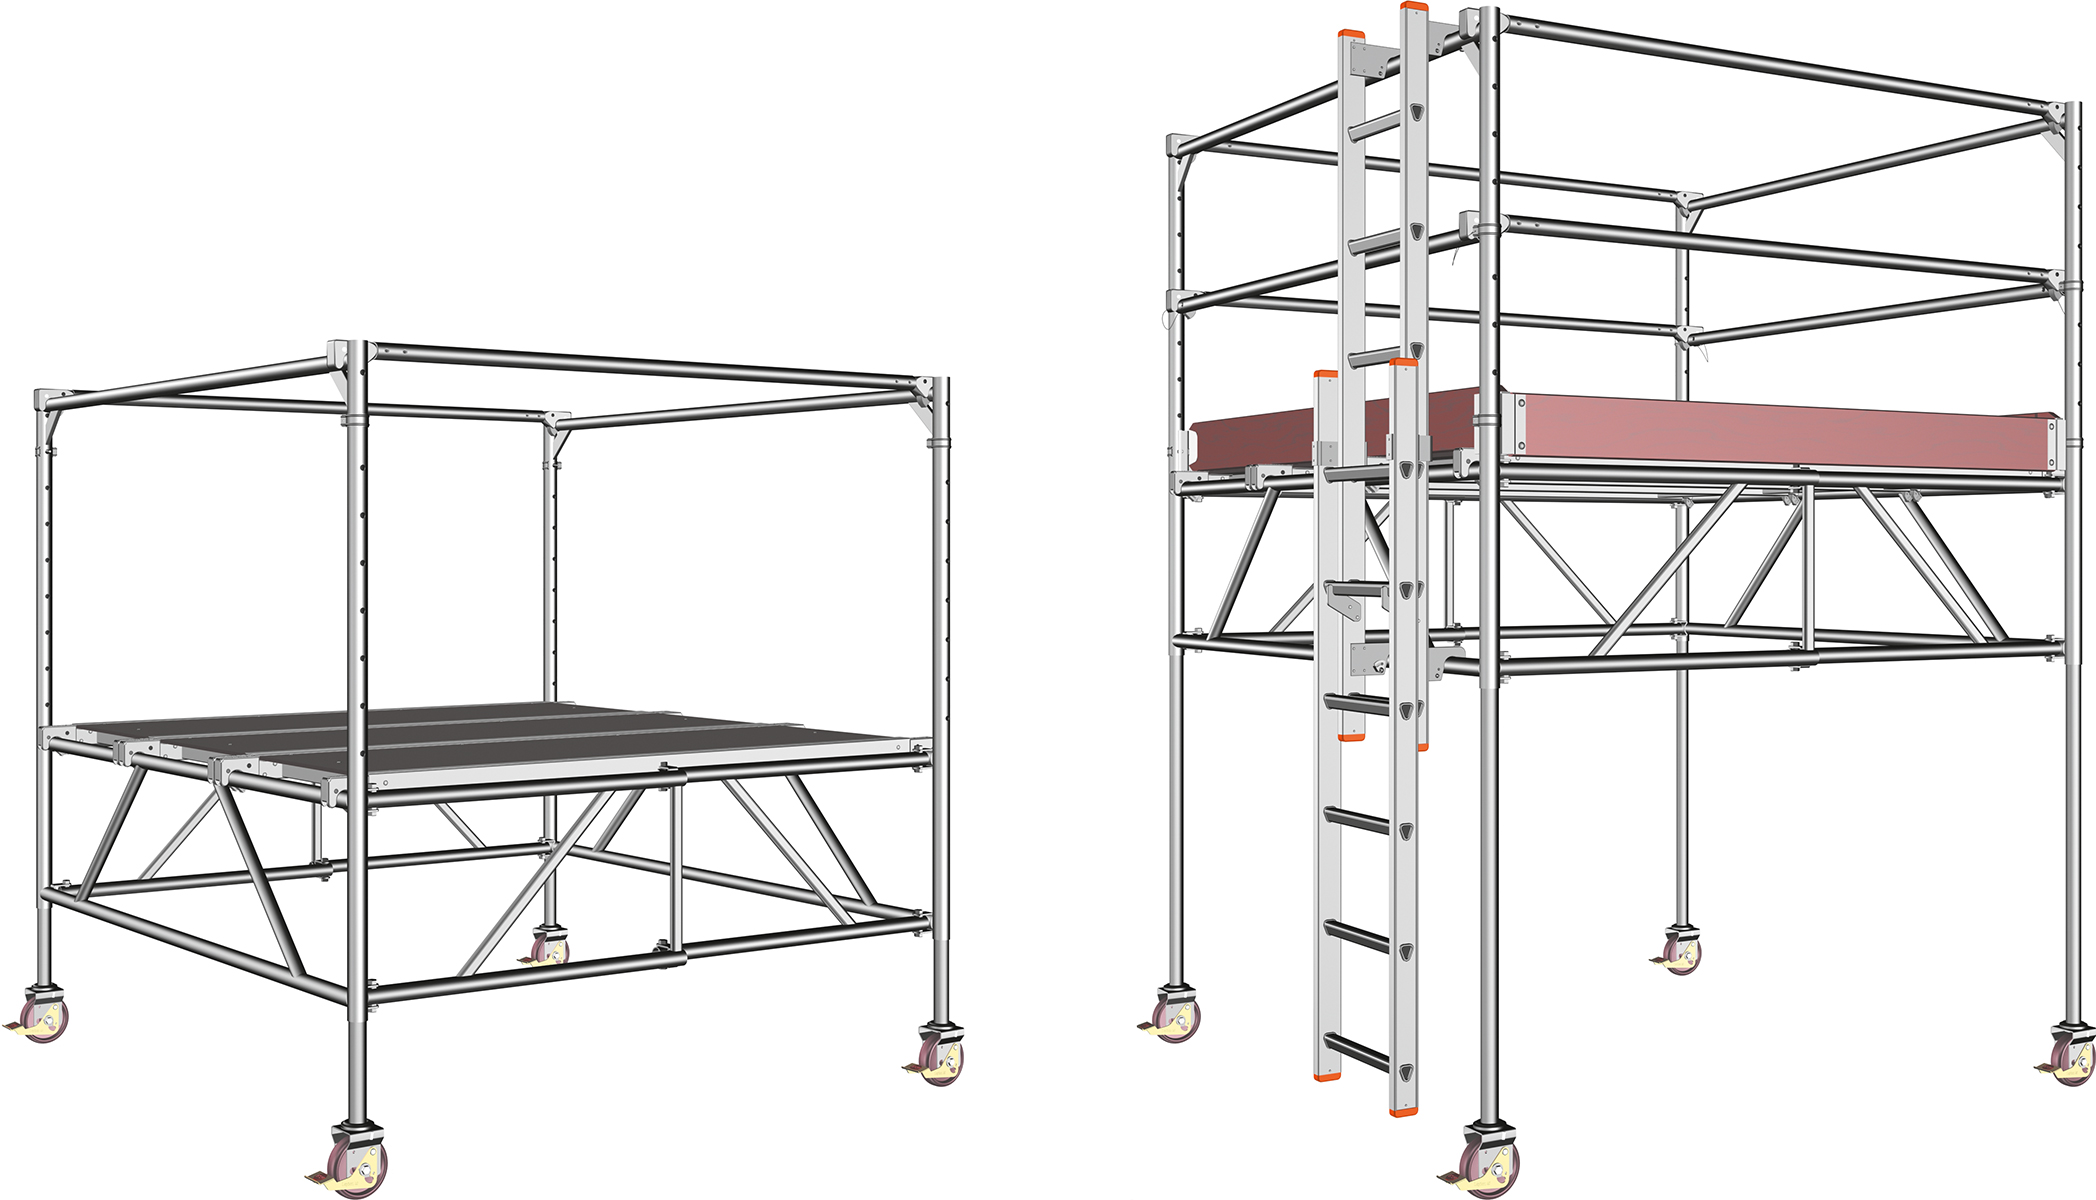 fahrbare ger ste online kaufen hawego. Black Bedroom Furniture Sets. Home Design Ideas